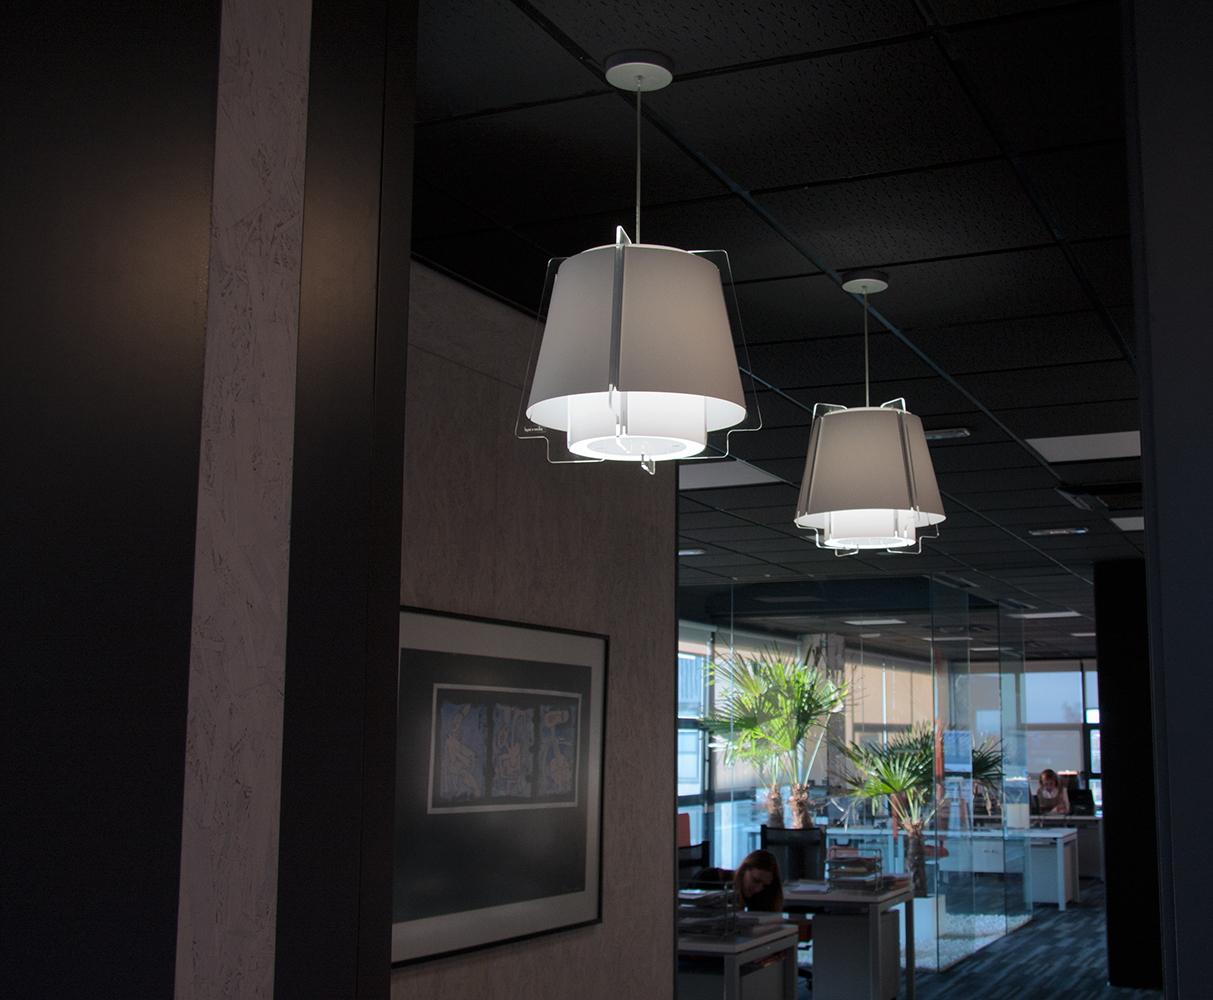 Lámparas ZONA 43 suspensión, iluminación pasillo y zonas de tránsito, proyecto arquitectura, oficina en Villaviciosa, Madrid.